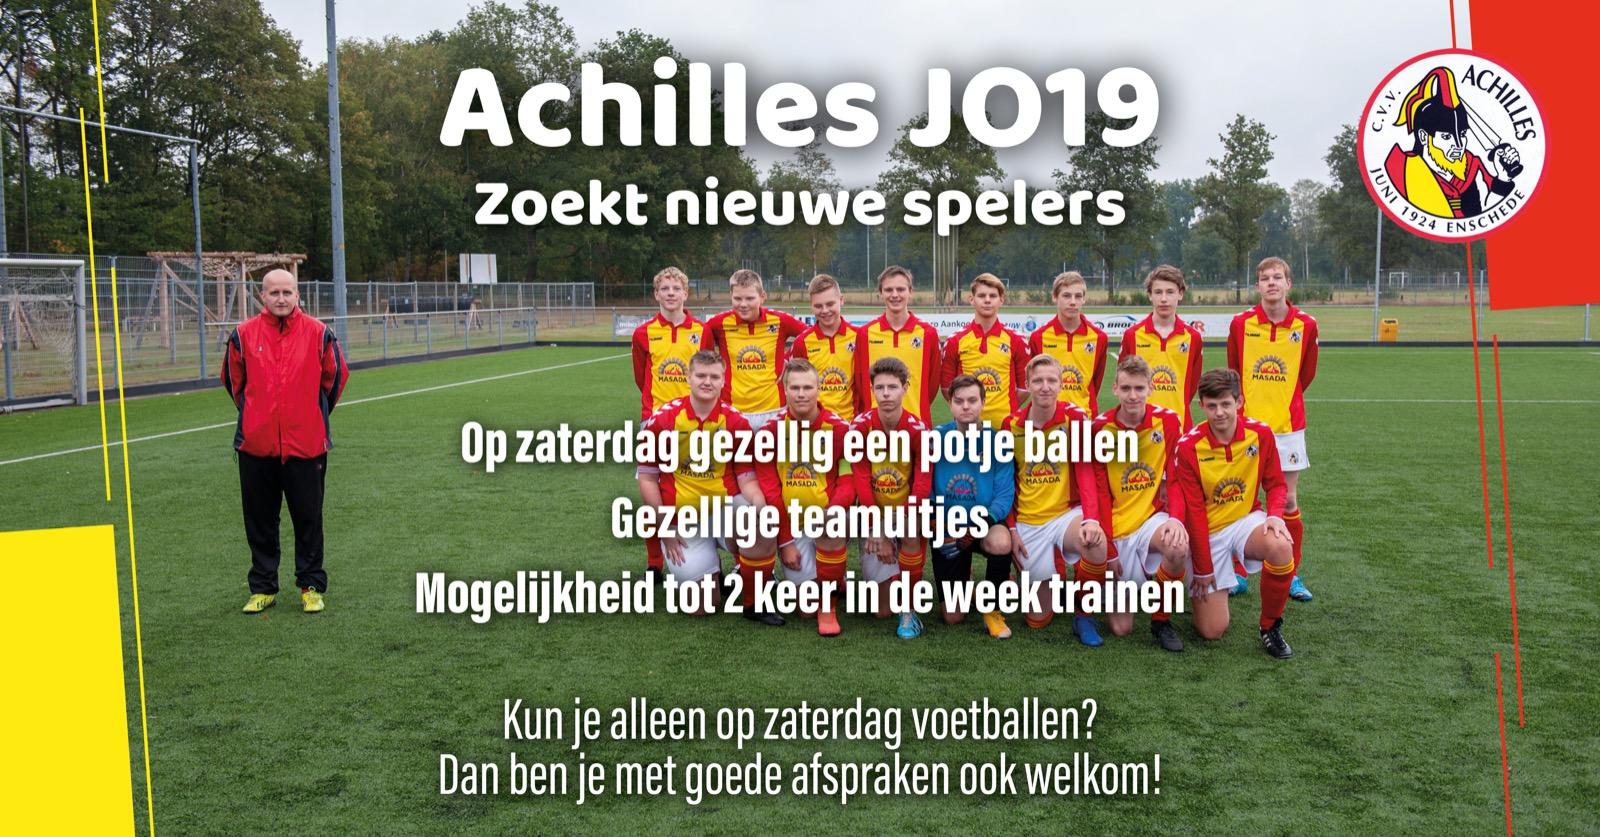 Achilles JO19-1 zoekt nieuwe spelers